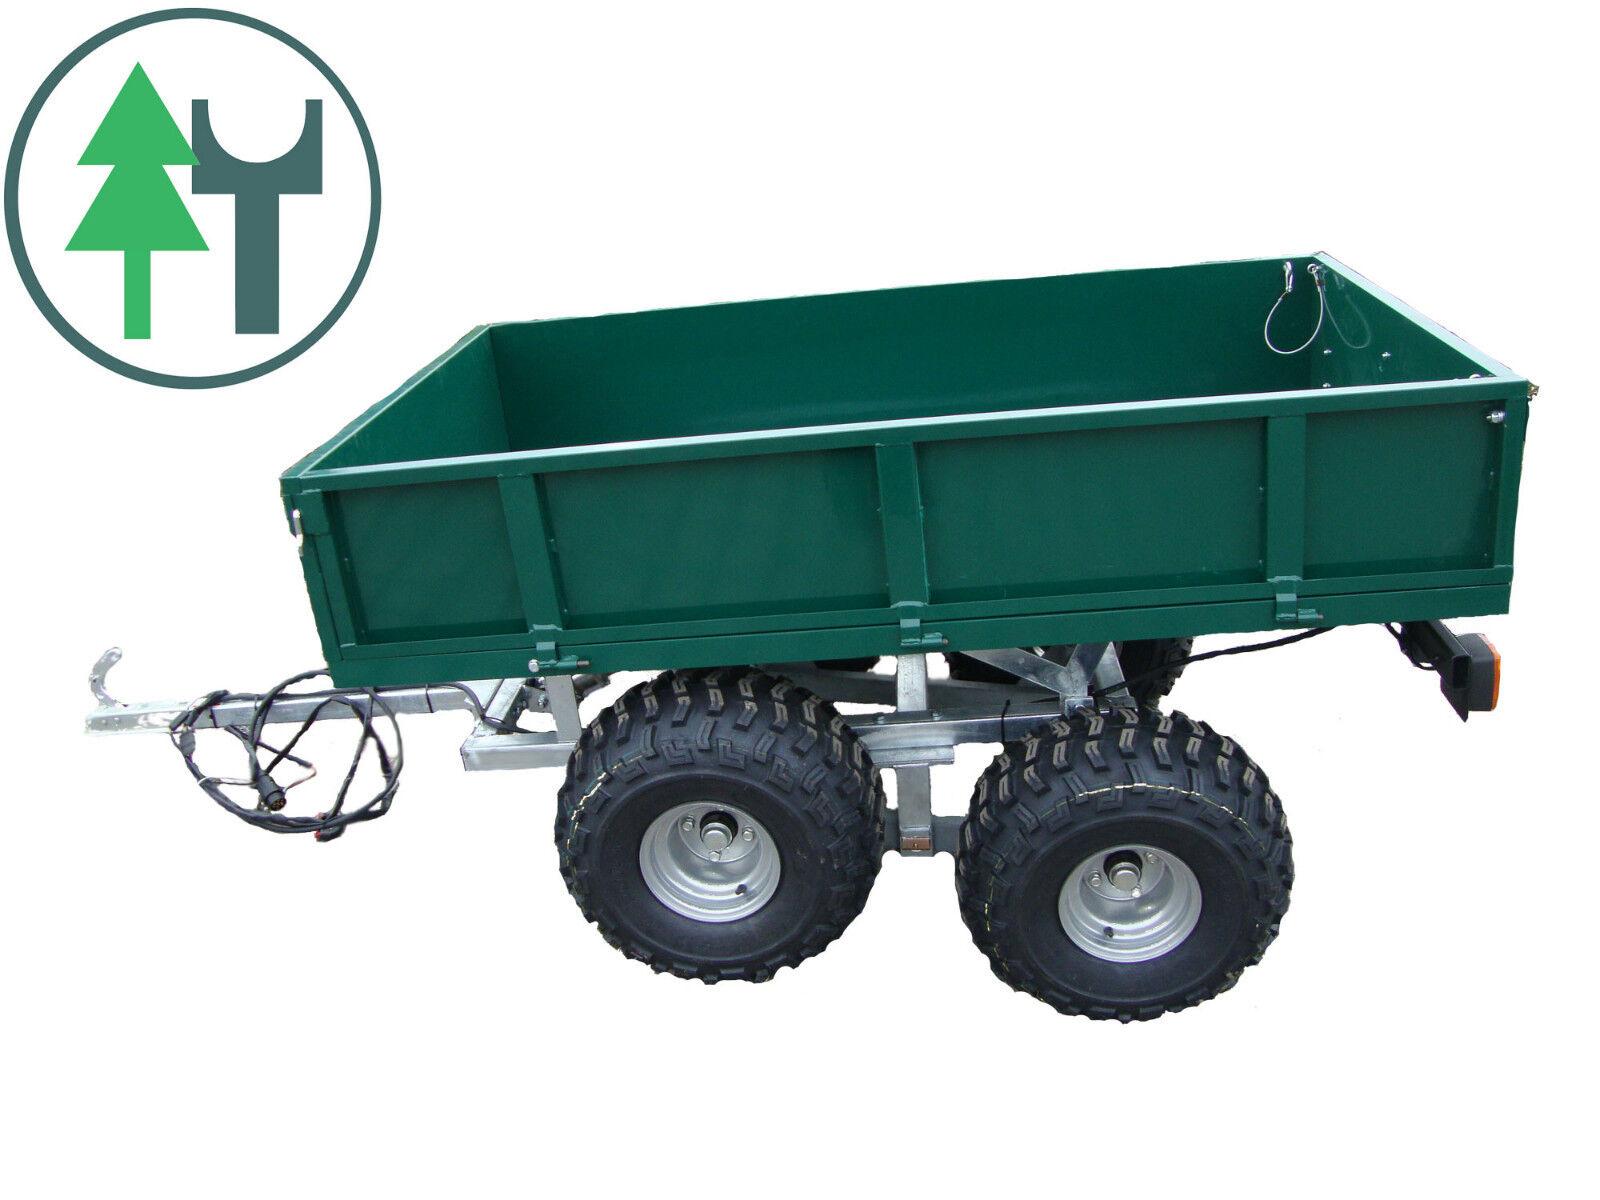 Anhänger Tandem 500T für Traktor Schmalspurschlepper Branson Mitsubishi Kubota | Einfach zu spielen, freies Leben  | Rabatt